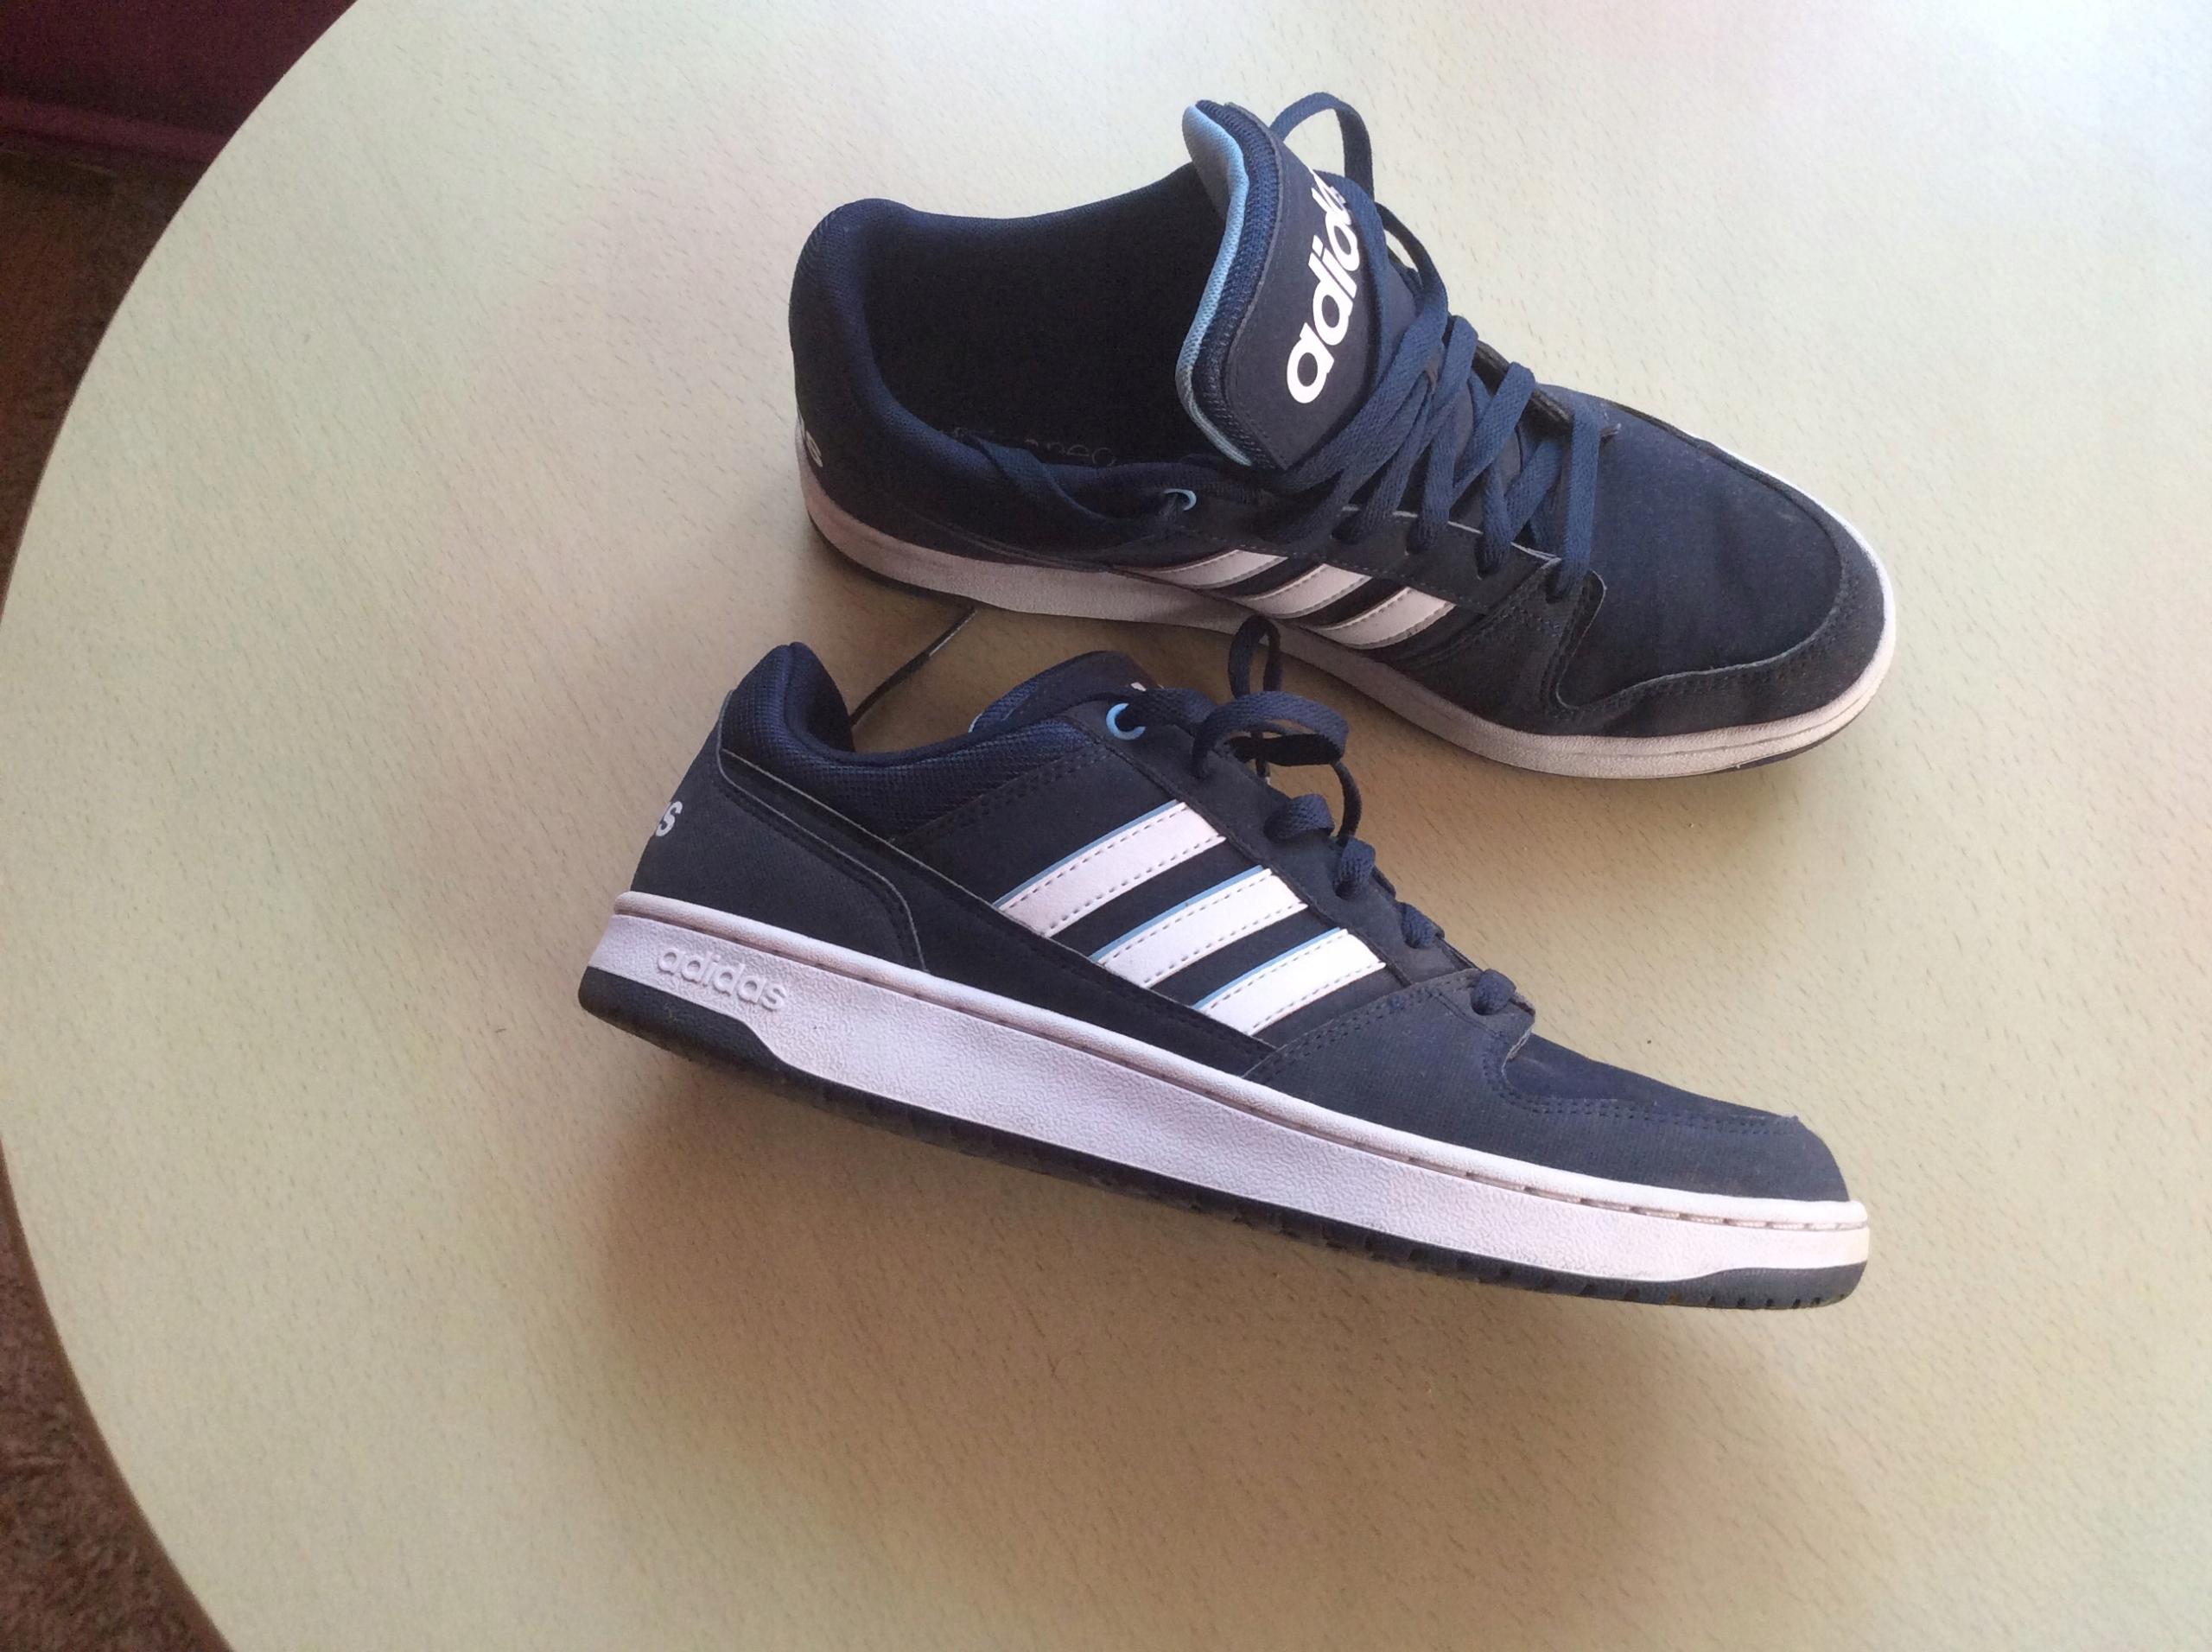 Buty męskie Adidas Neo rozmiar 44 7529241866 oficjalne